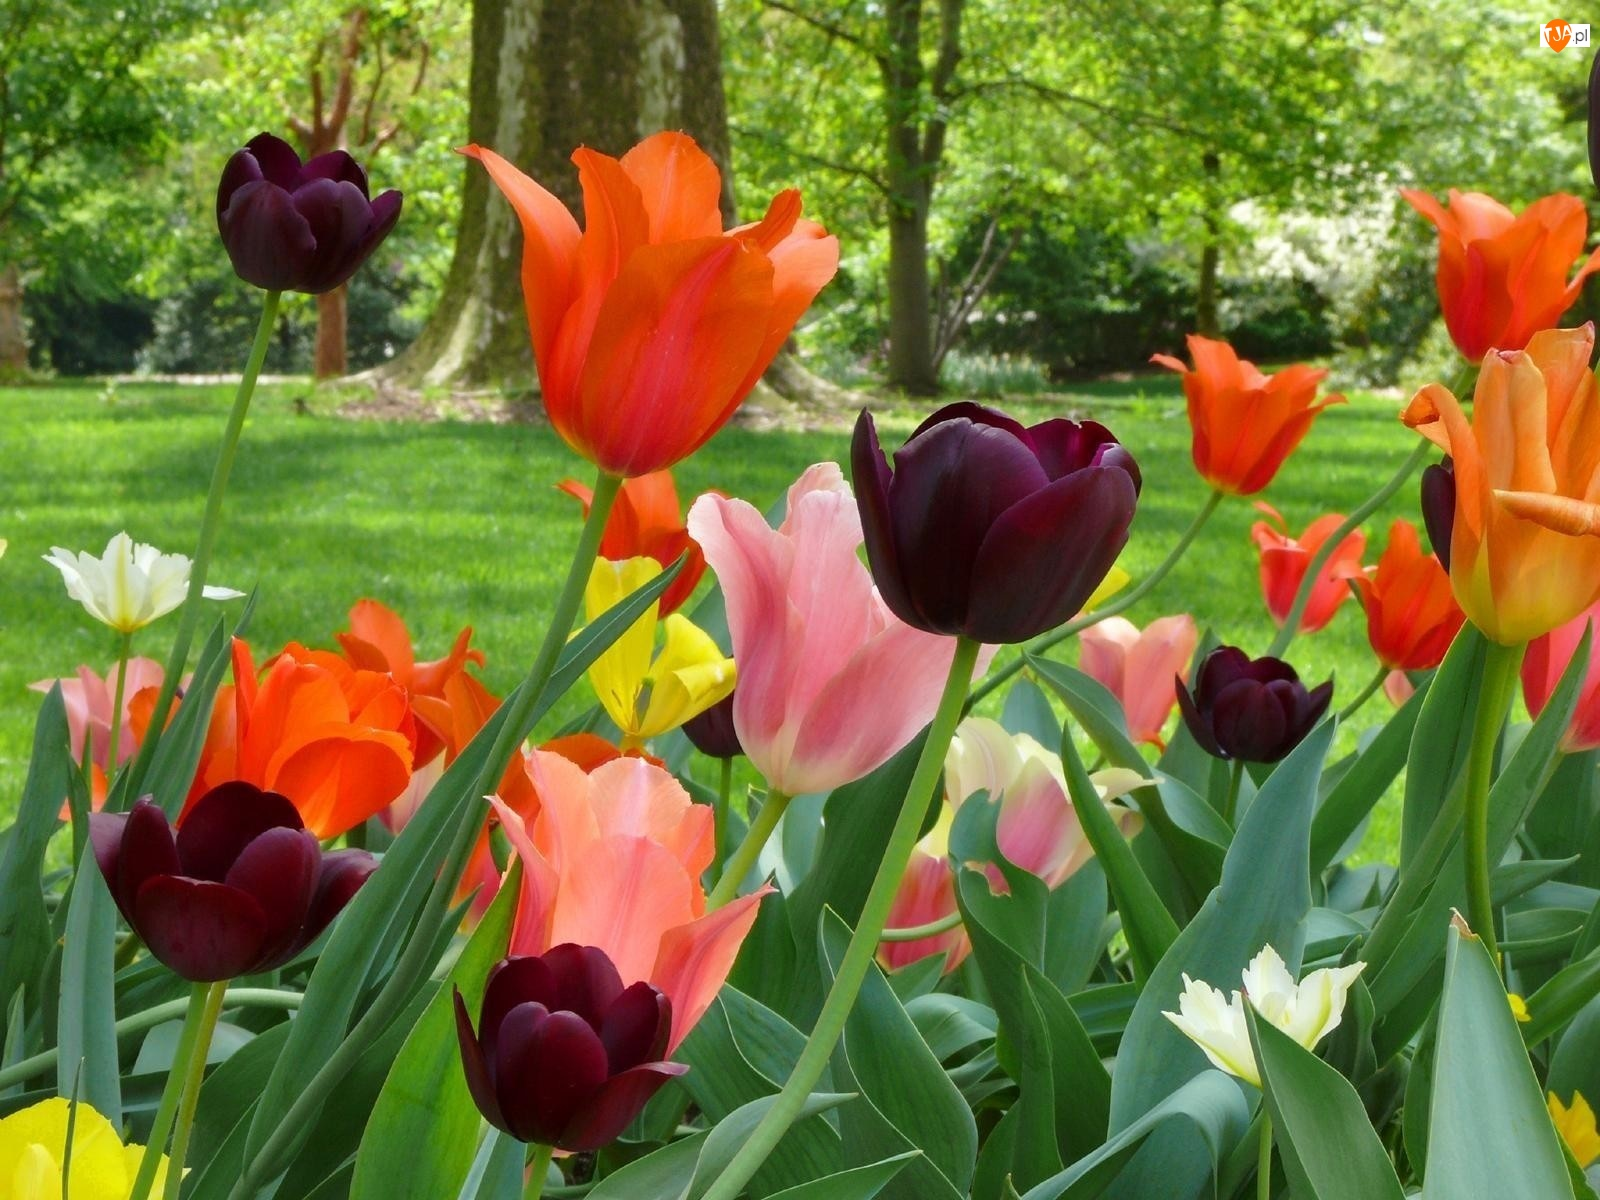 Kolorowe, Drzewa, Tulipany, Trawnik